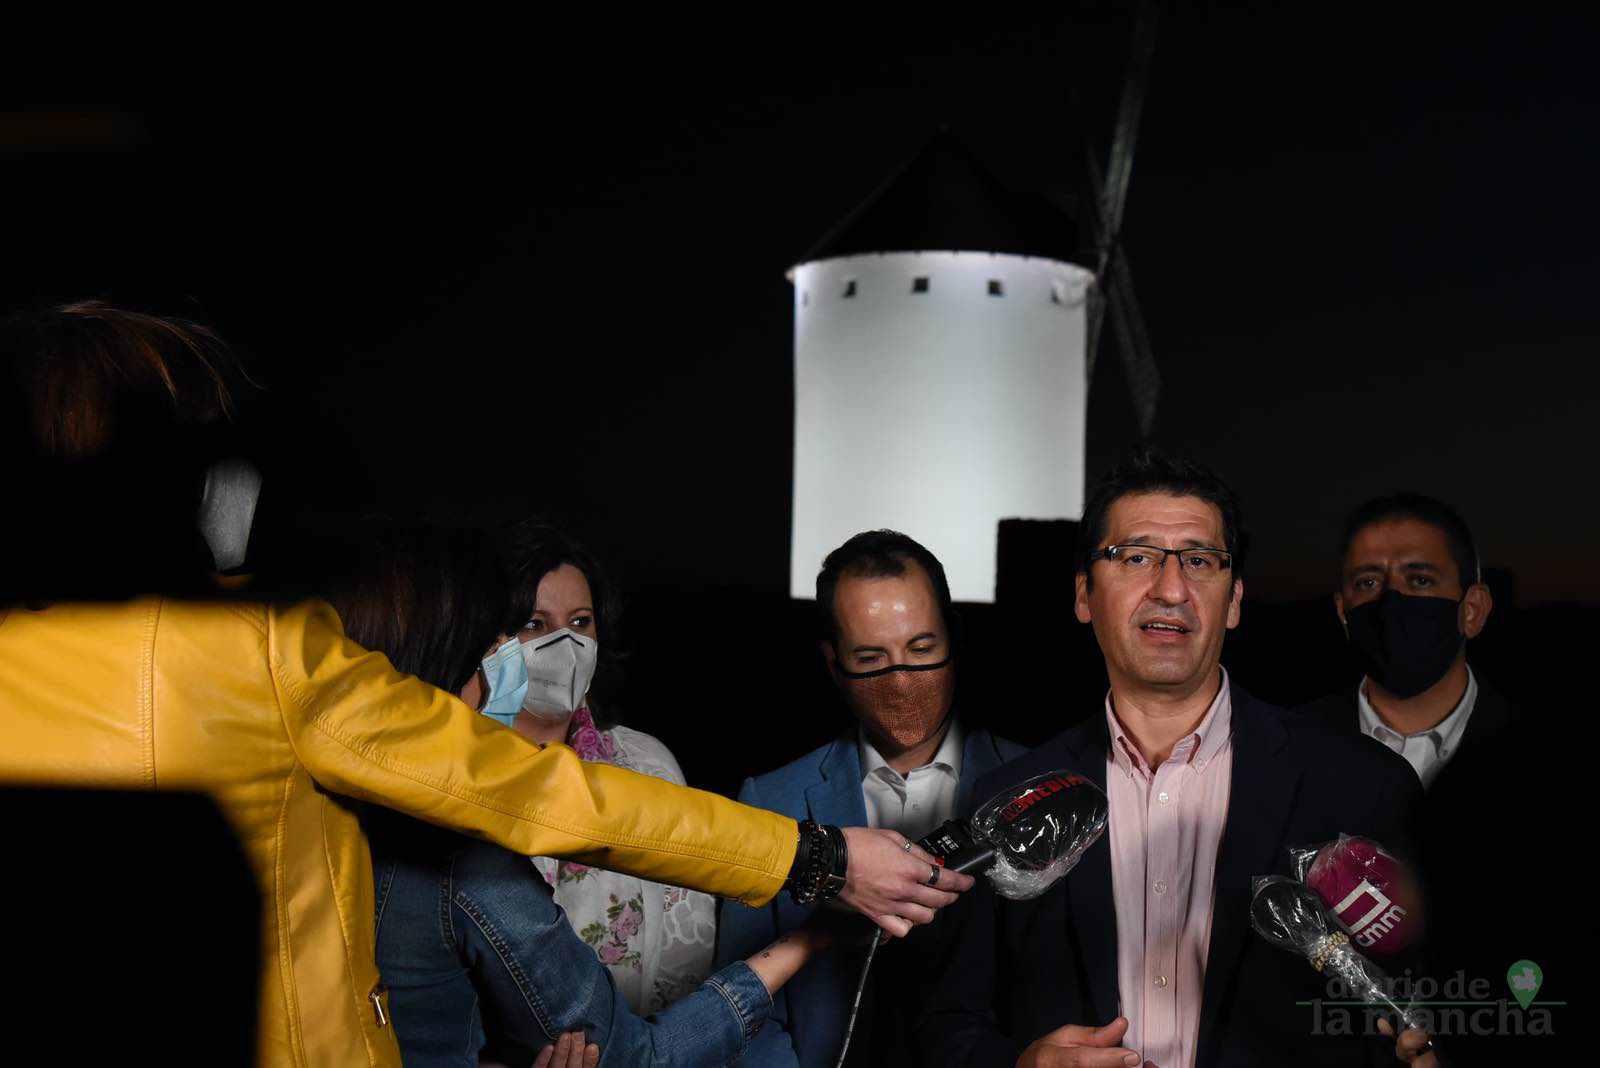 Herencia vuelve a inaugurar con una nueva iluminación artística sus molinos de viento 40